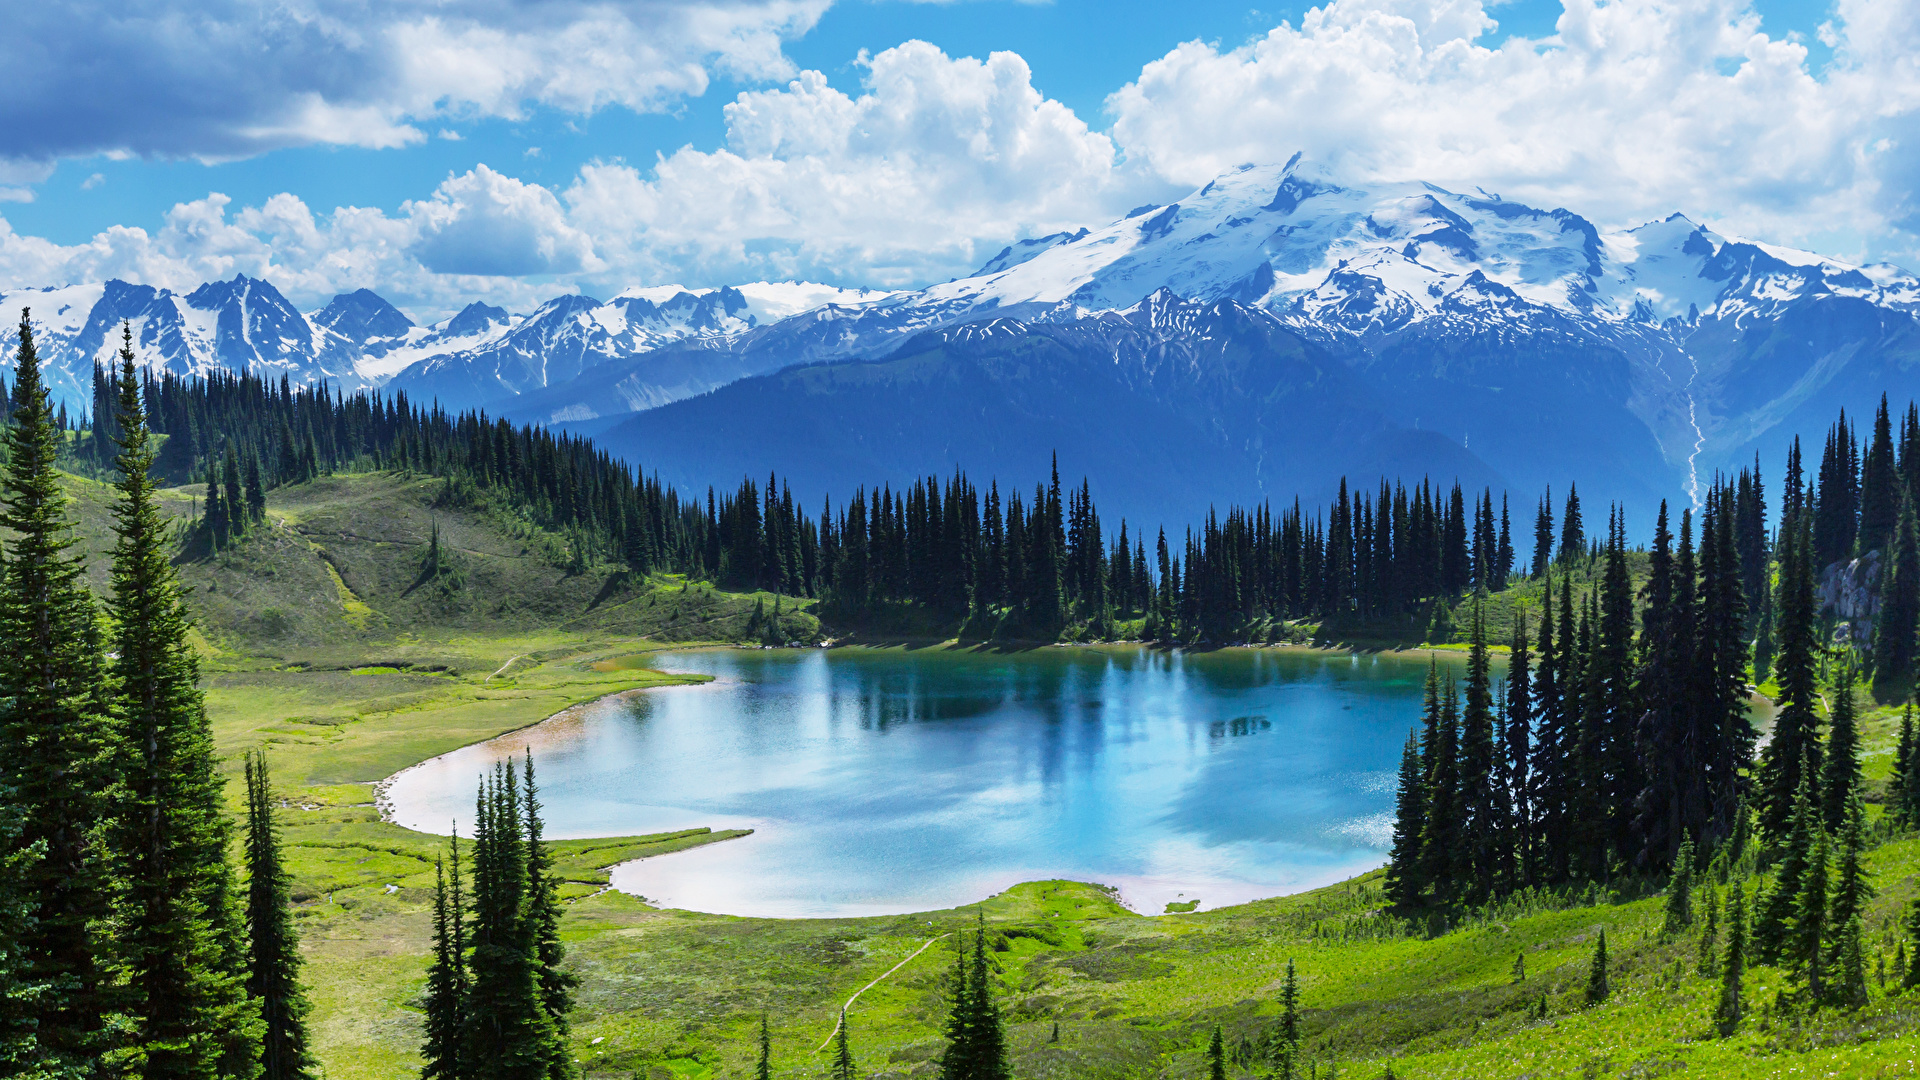 Fonds d'ecran 1920x1080 Photographie de paysage Montagnes Lac Prairies Canada Banff Nature ...